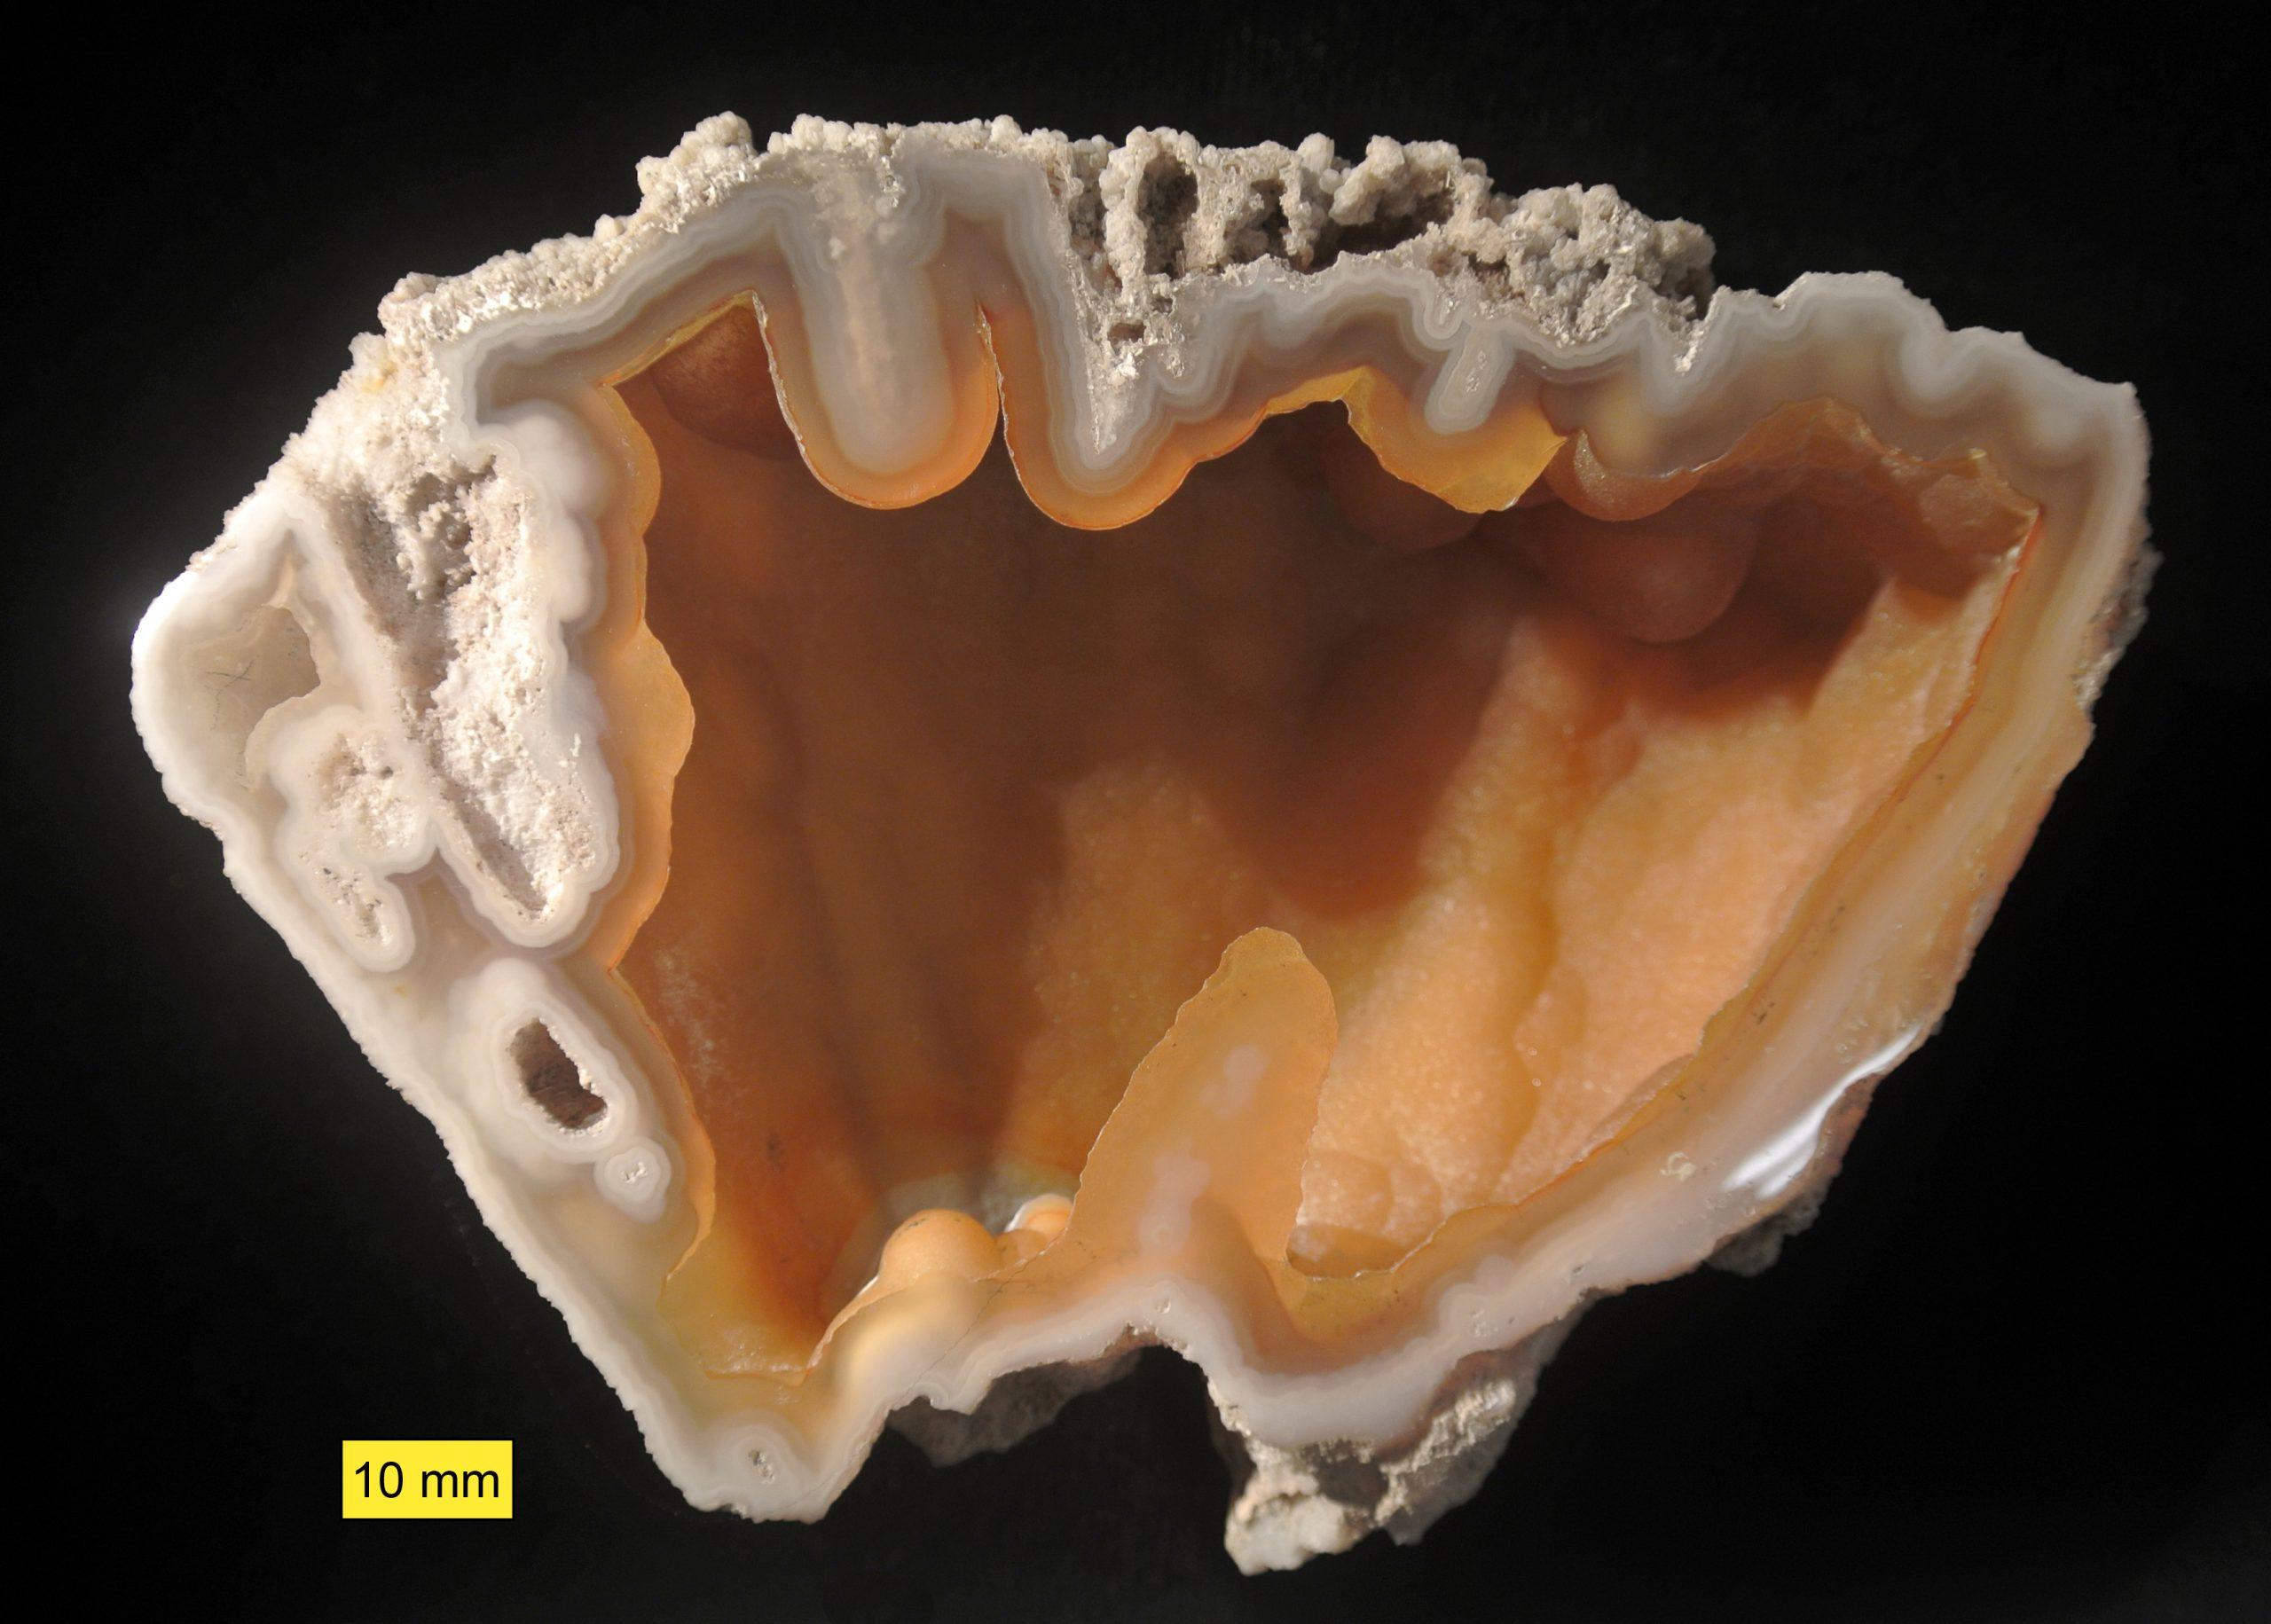 """מאובן של קורל שצופה באגת. מאיזור פלורידה. נלקח ברשות מ""""ויקיפדיה"""" From Wikipedia Commons"""